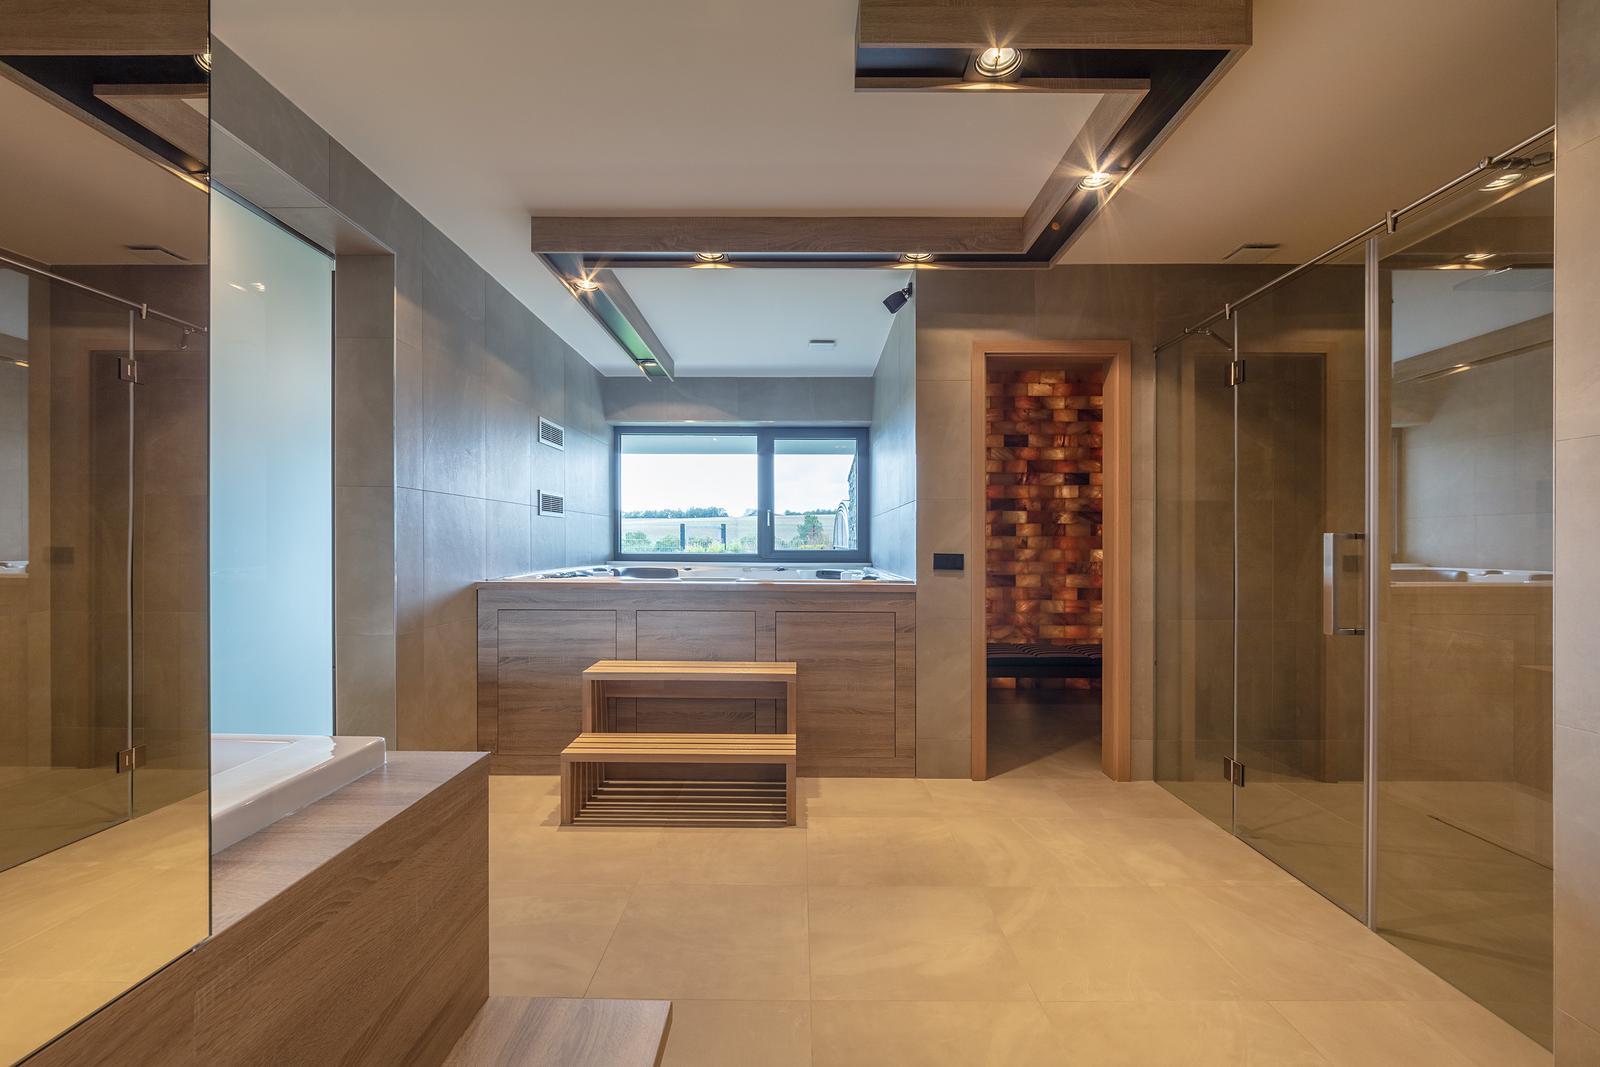 Inšpirujte sa.... kúpeľňa s krásnym výhľadom - Obrázok č. 5